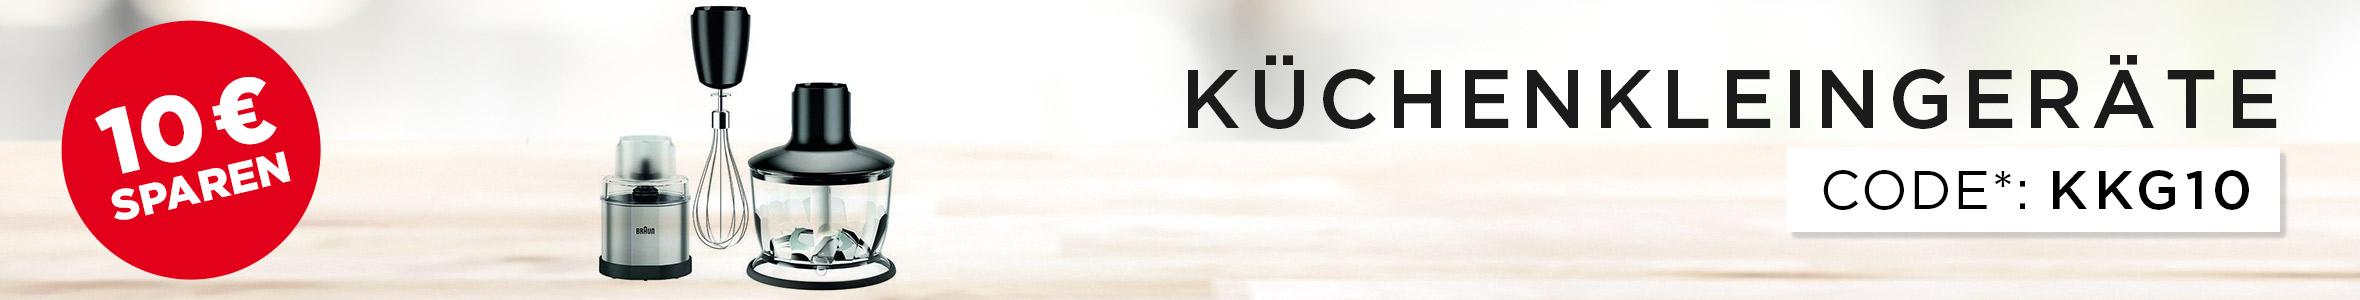 Küchenkleingeräte Aktion - 10€ sparen